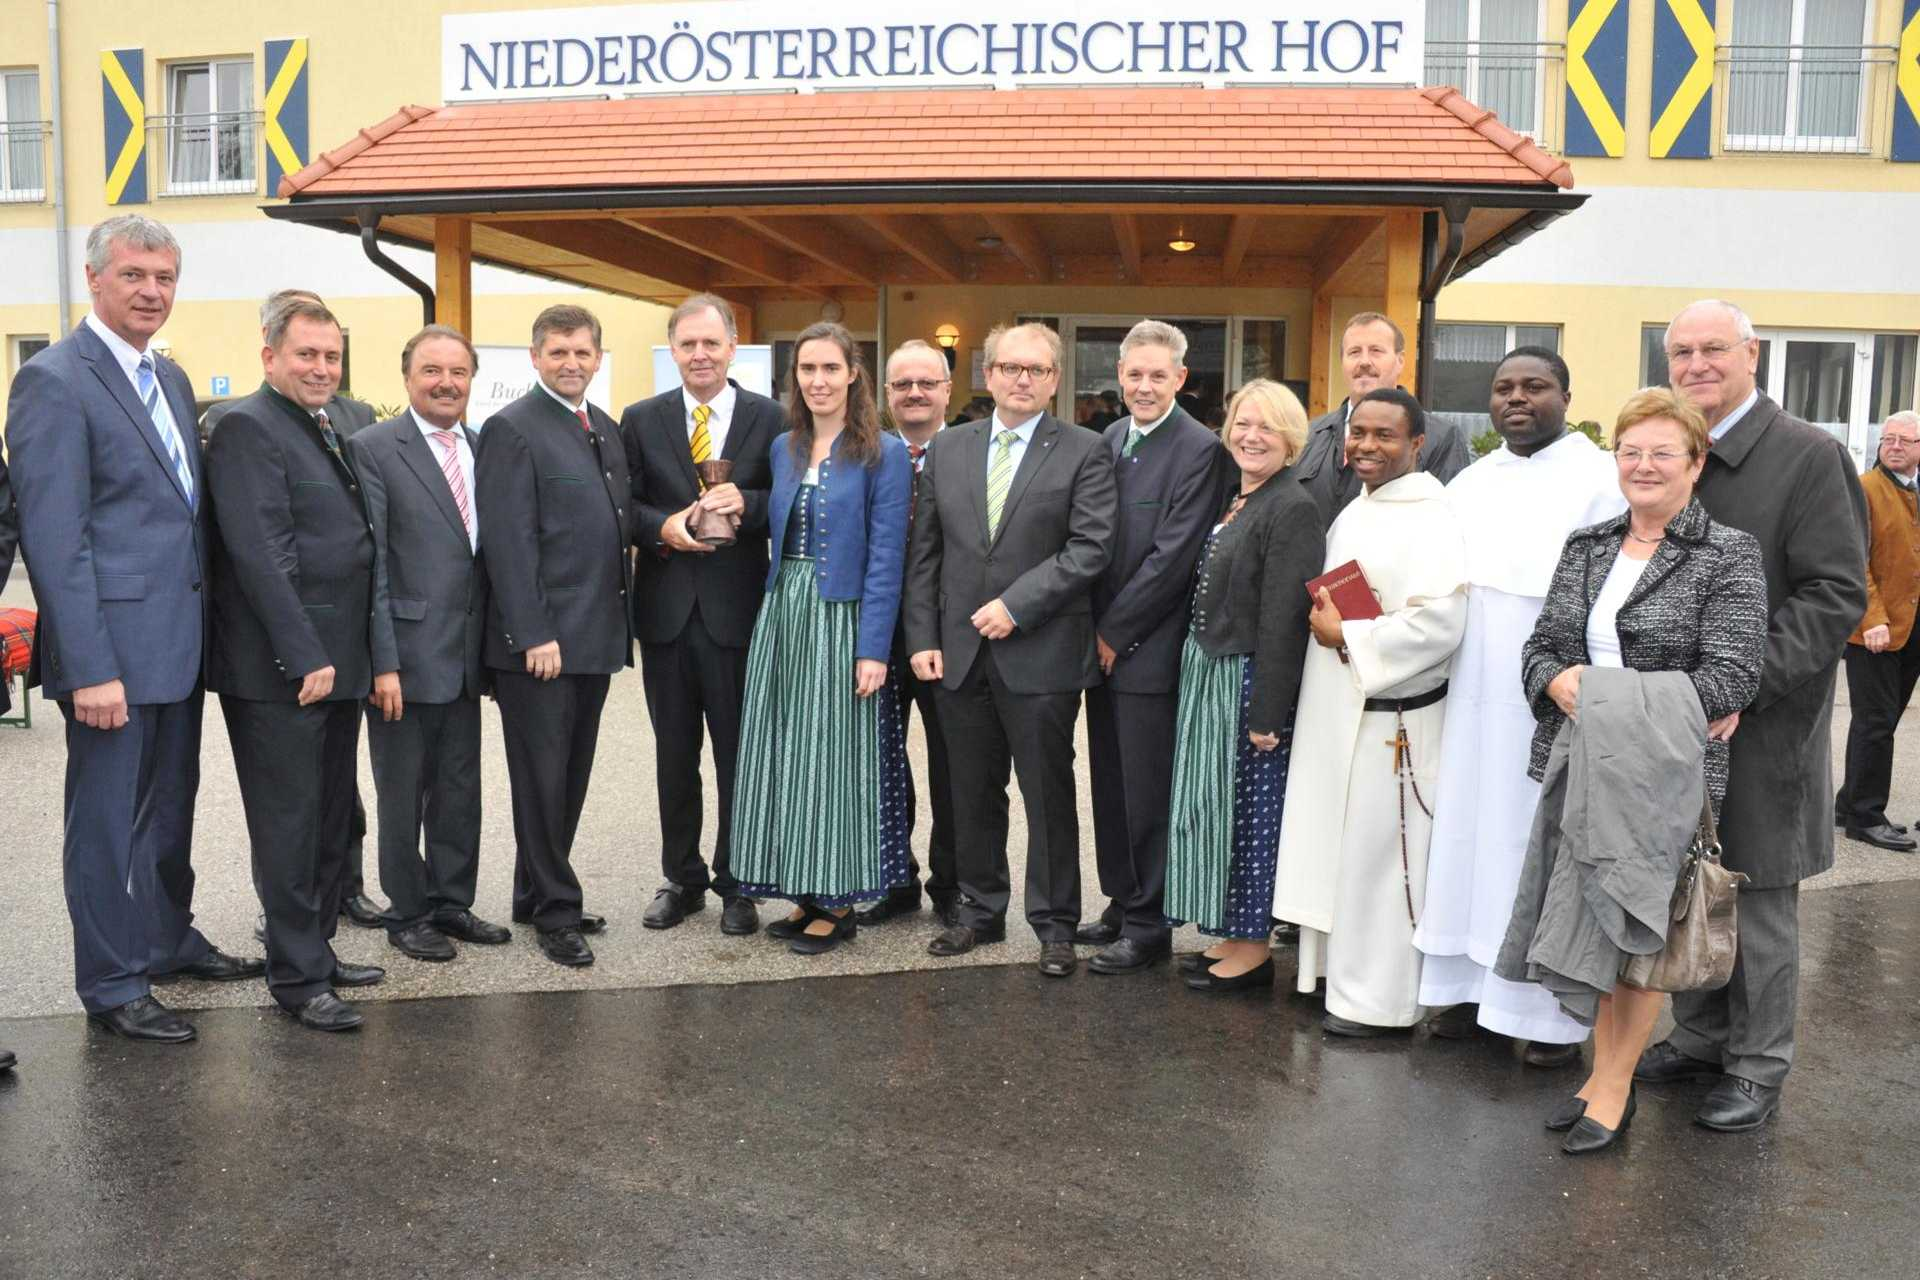 Eröffnung mit lokaler Prominenz 2012